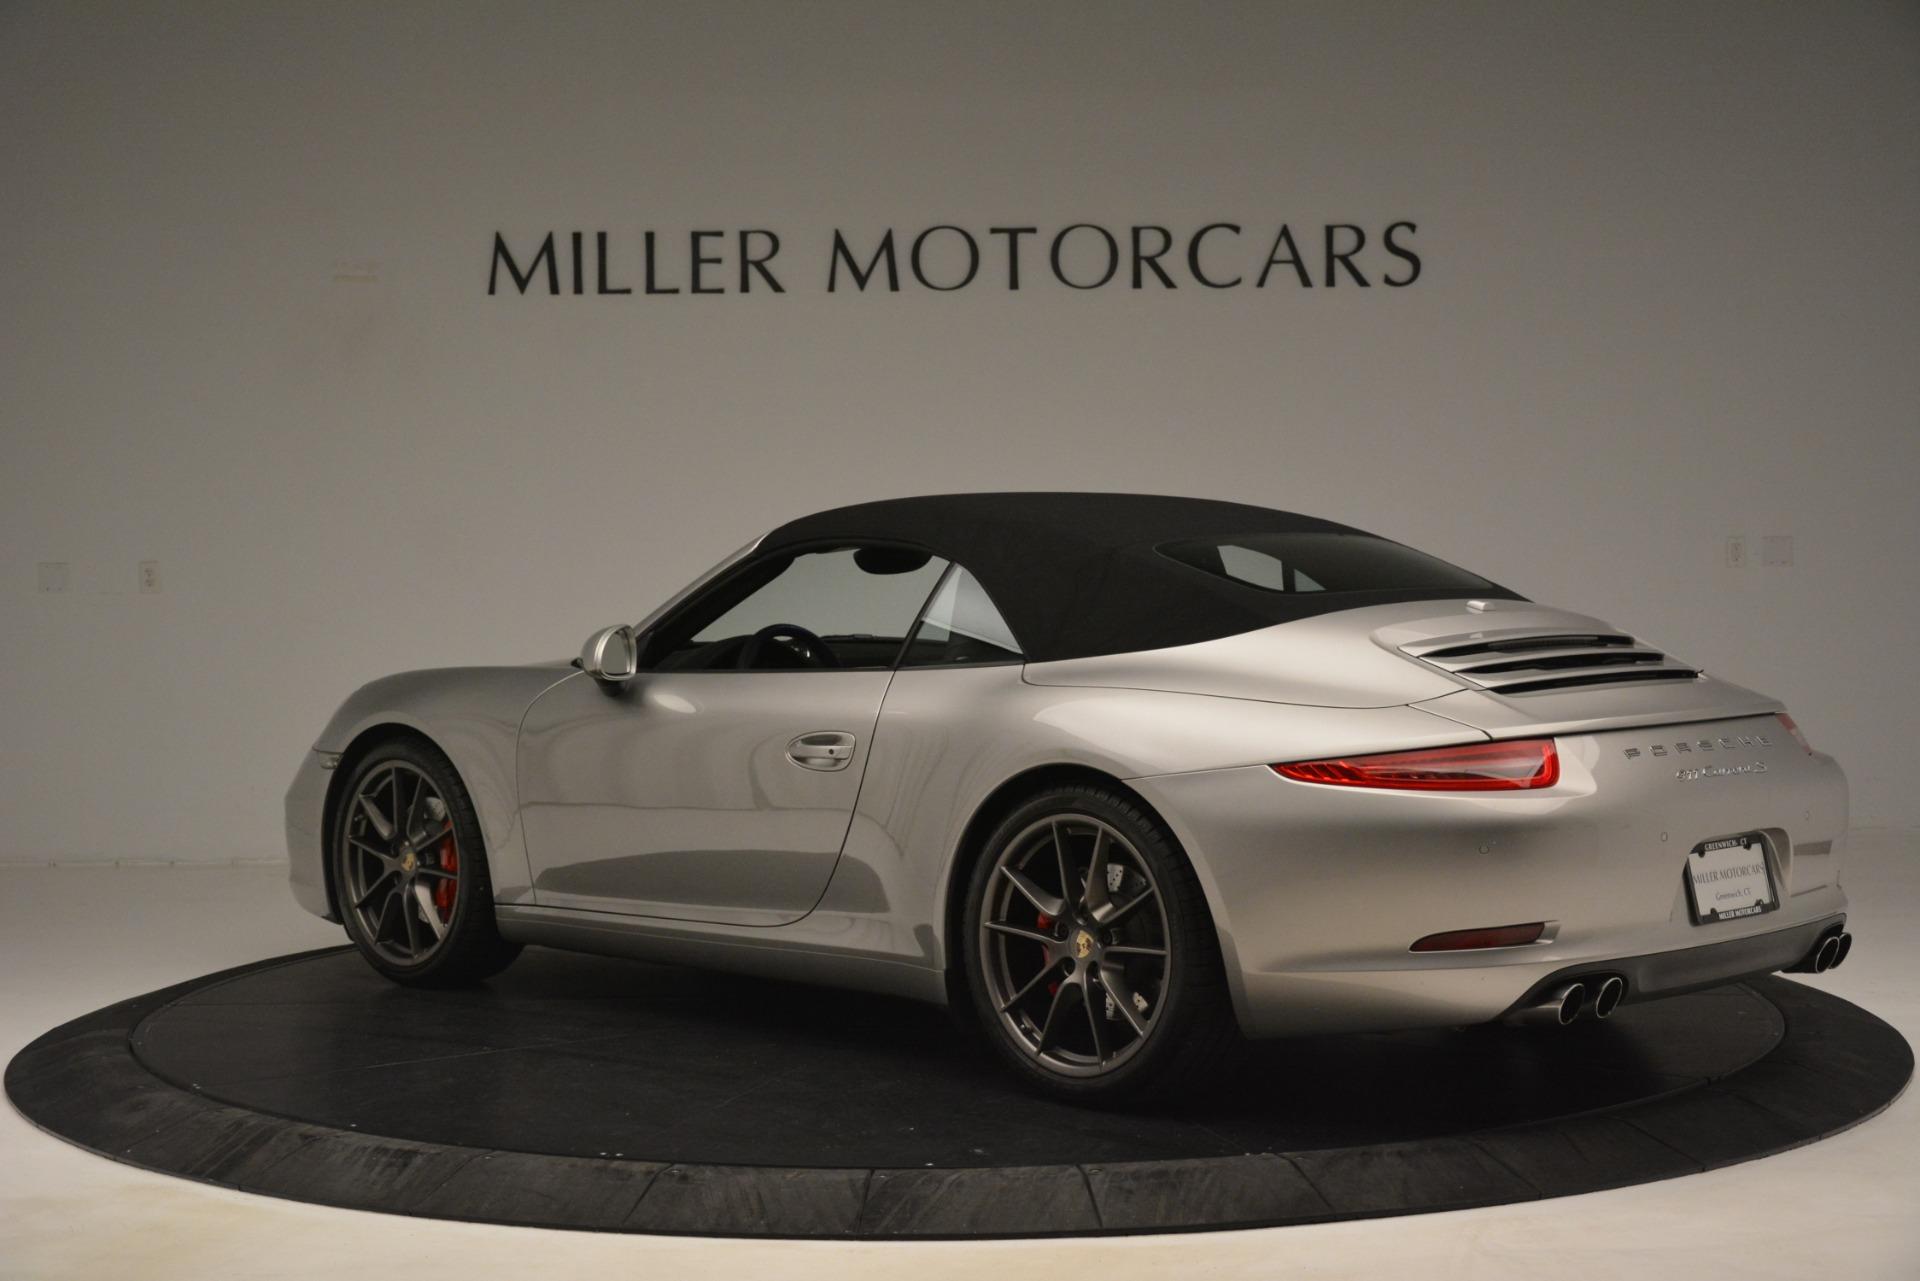 Used 2013 Porsche 911 Carrera S For Sale In Greenwich, CT 3107_p16